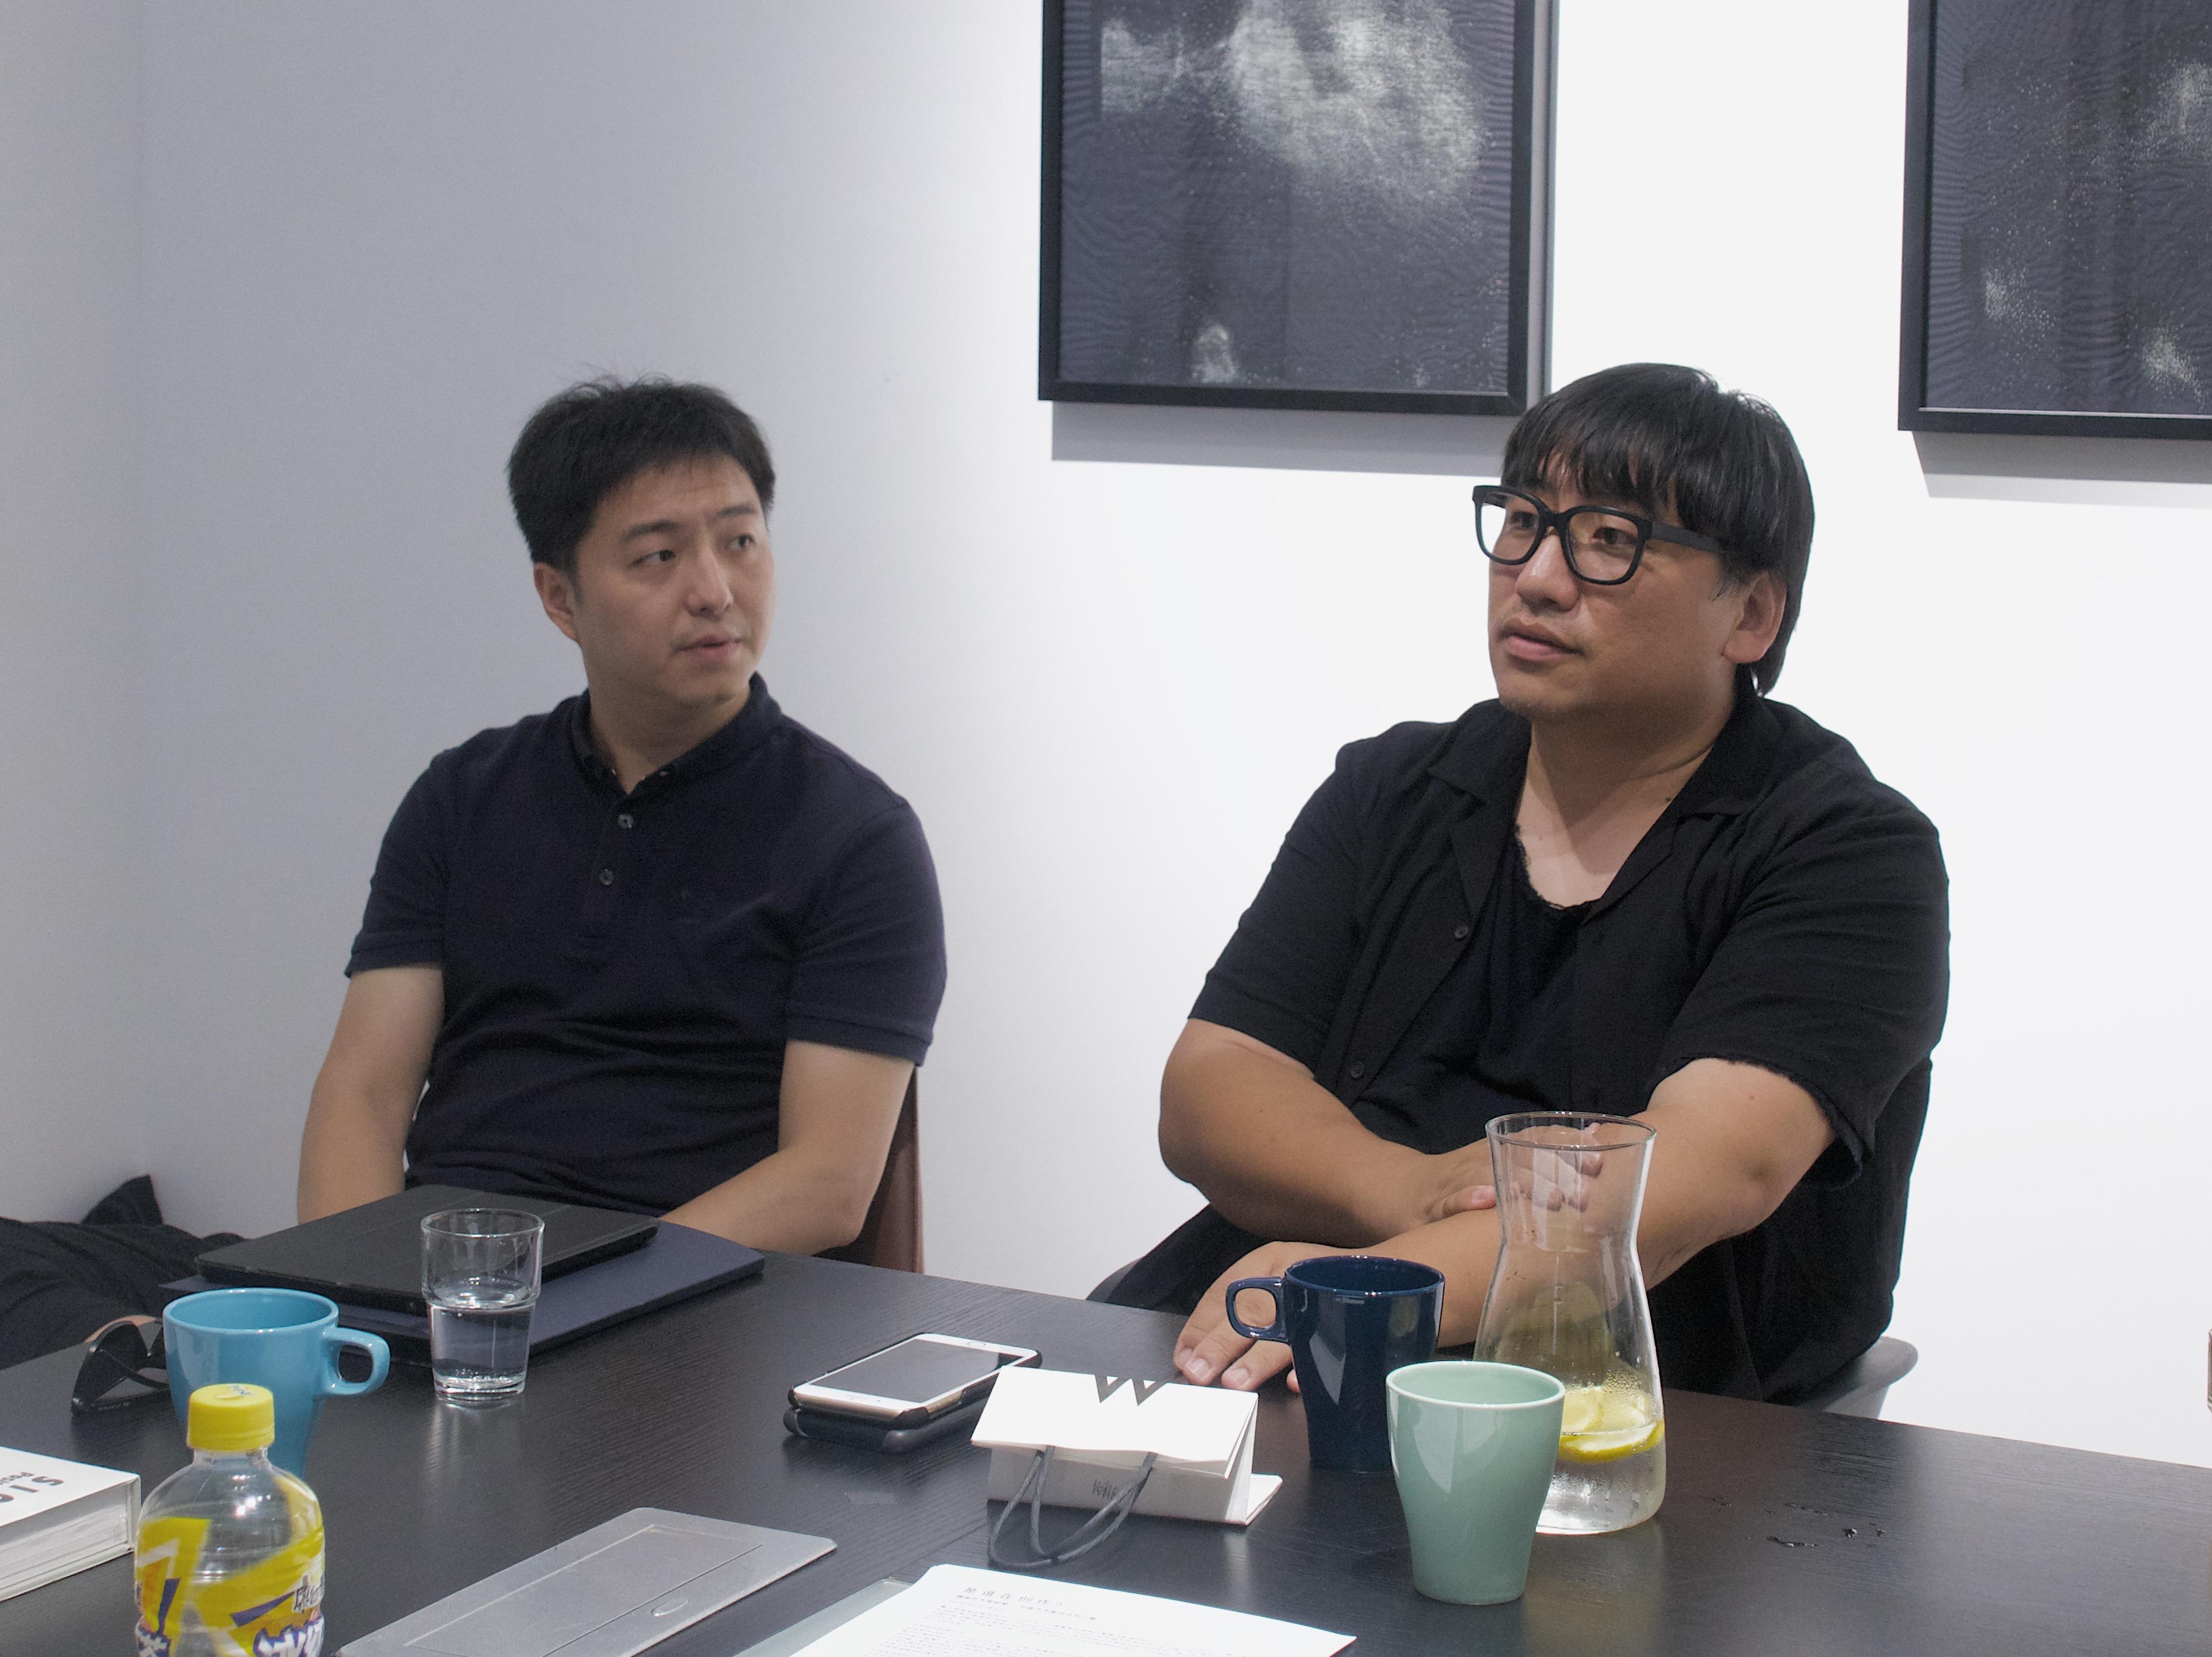 Curator Zheng Wen (left) and Curator Li Zhenhua (right)